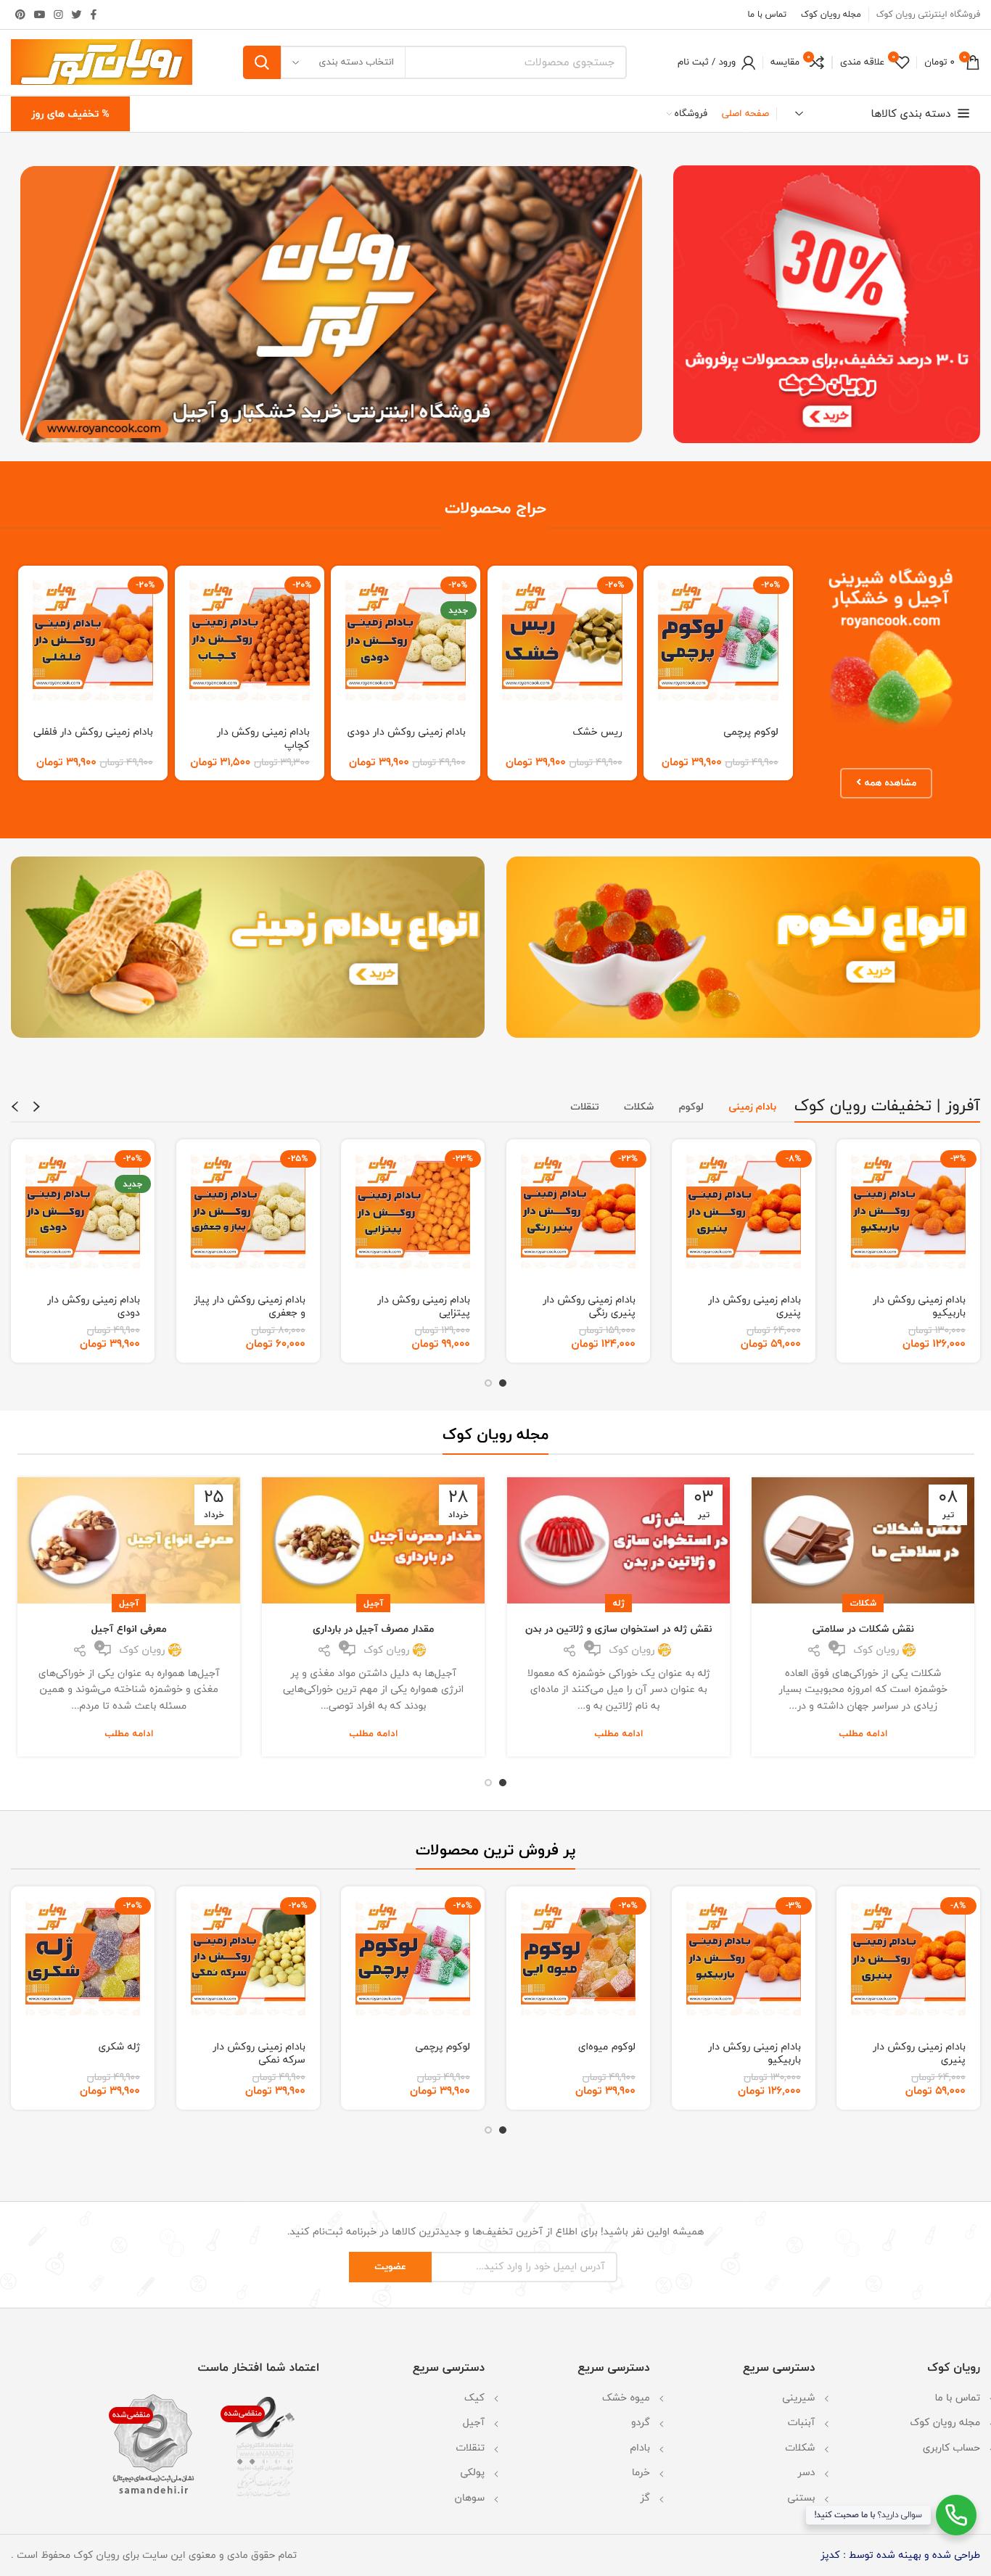 طراحی سایت فروشگاهی شیرینی، آجیل و خشکبار رویان کوک